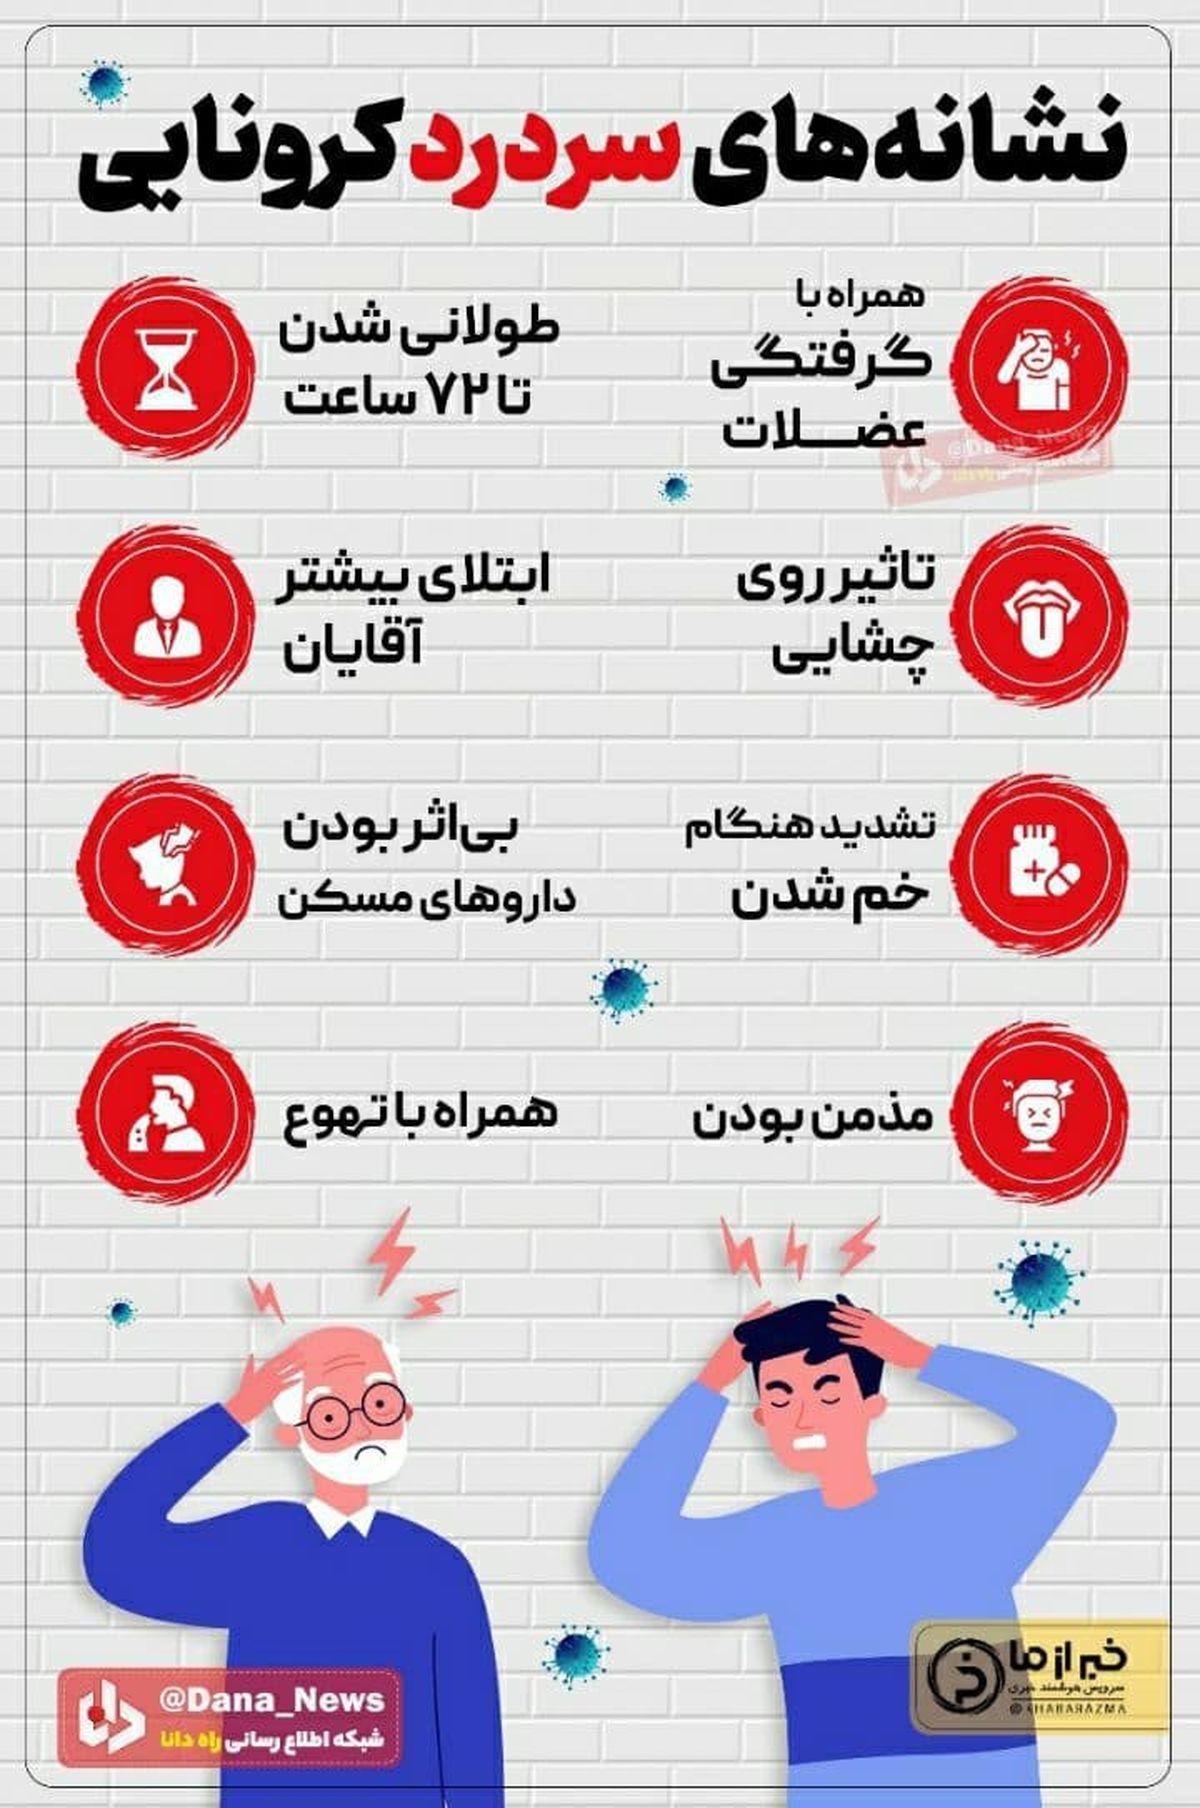 نشانههای سردرد کرونایی چیست؟